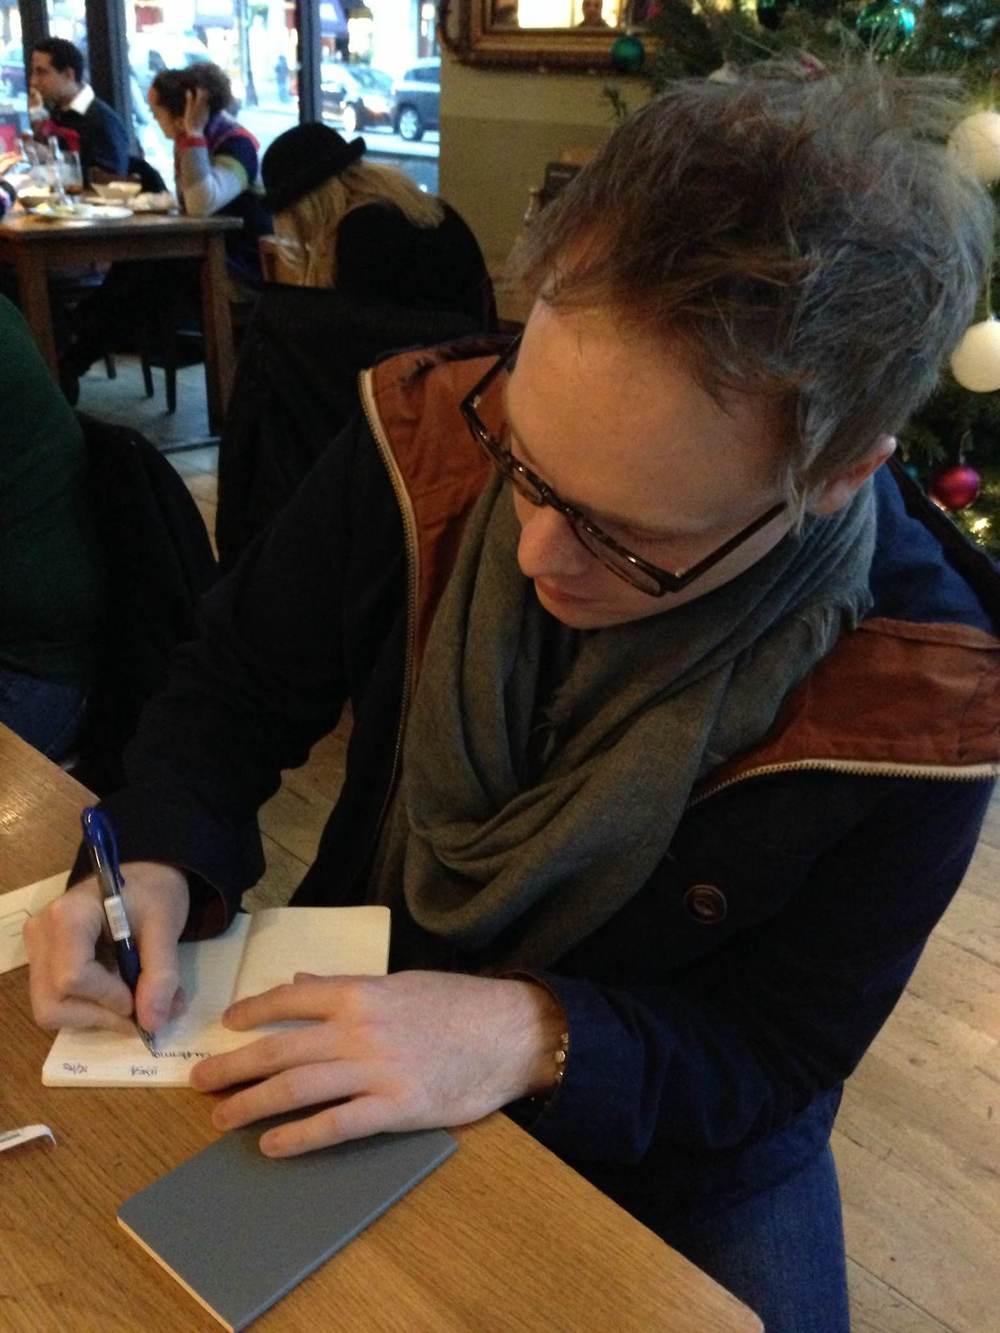 Matt Alexander on December 15th 2012